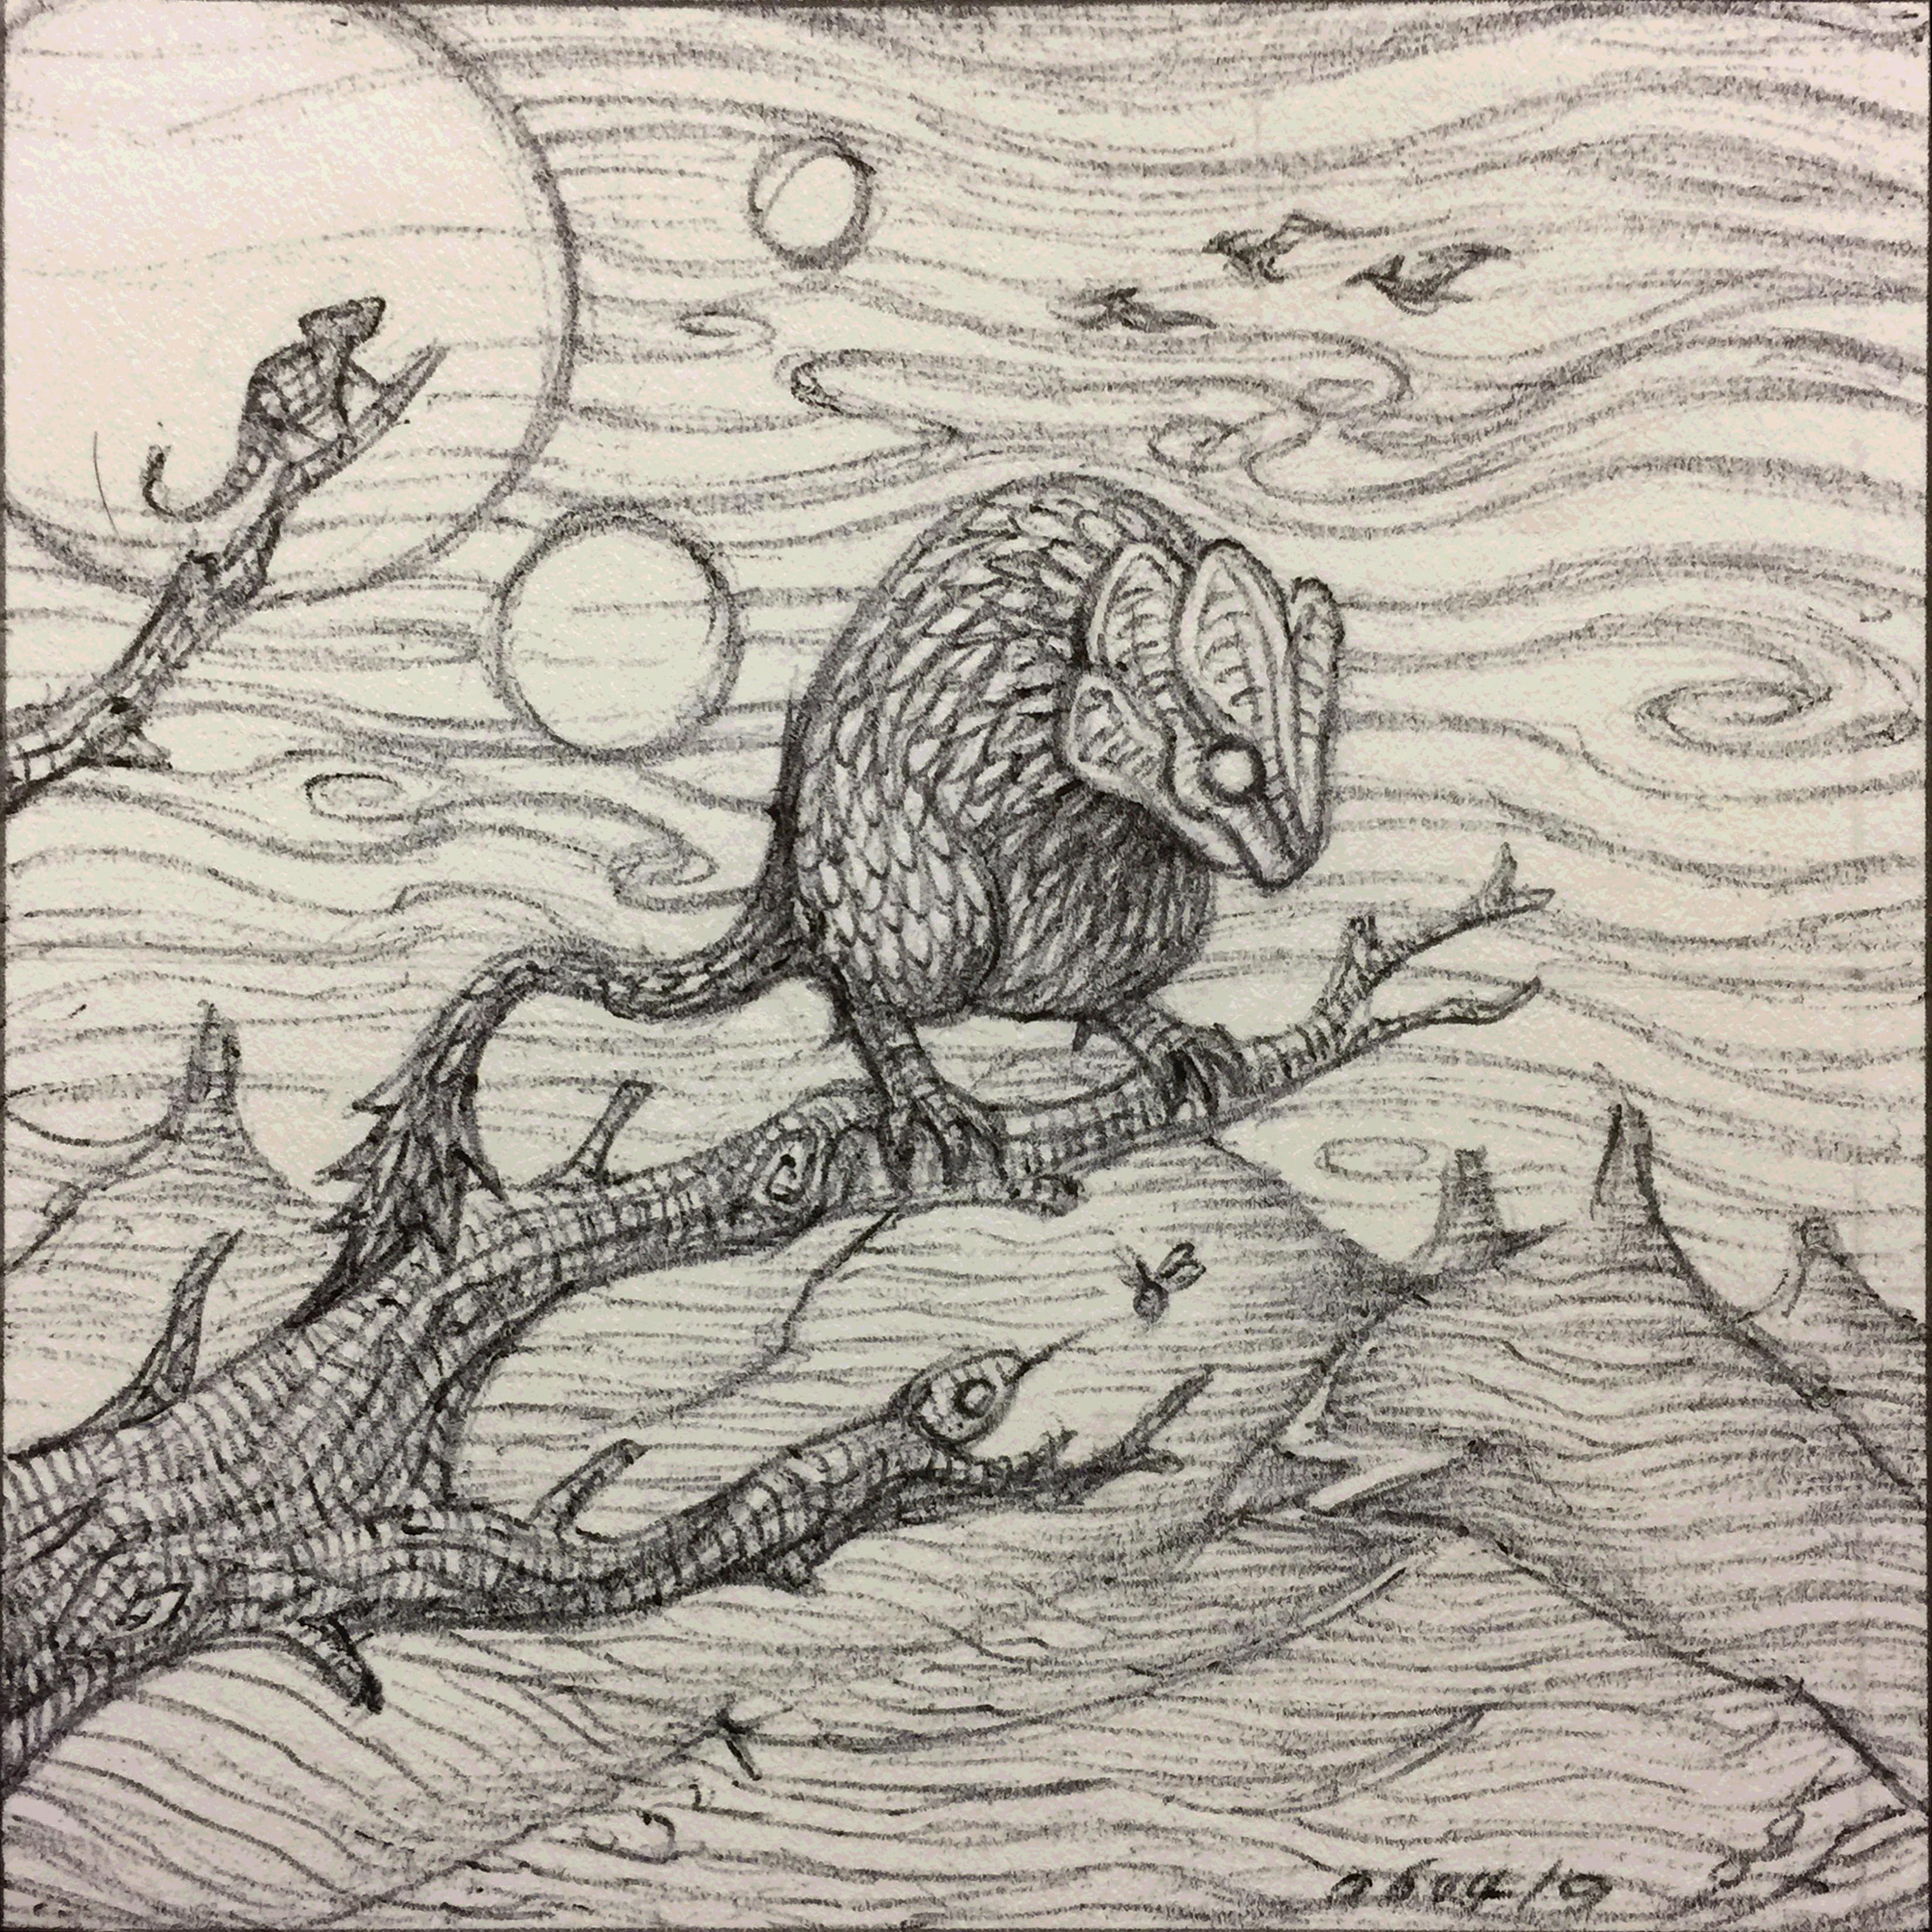 Alien Reptiles II - Sketch